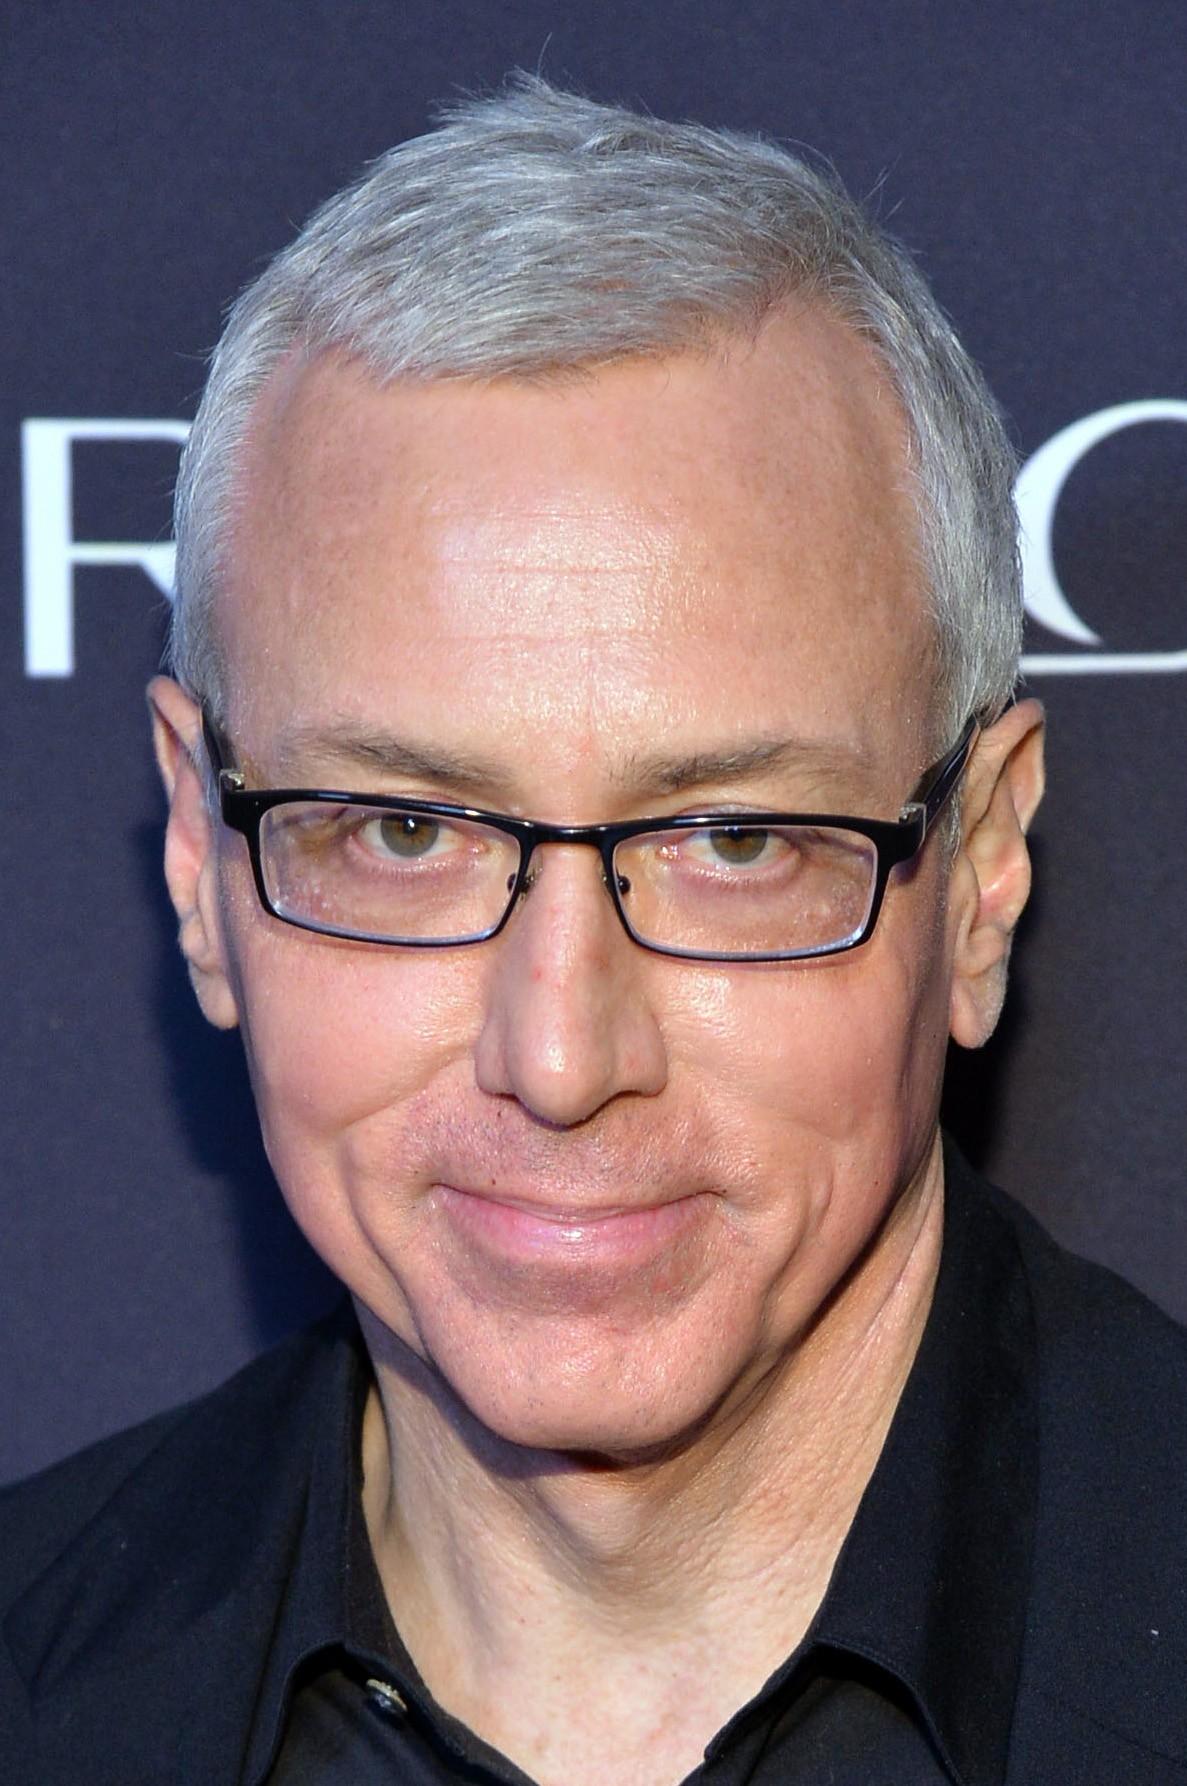 O médico norte-americano, conhecido pelo reality show 'Celebrity Rehad with Dr. Drew', revelou que se submeteu a uma cirurgia de câncer de próstata em 2013 e hoje está livre da doença. (Foto: Getty Images)